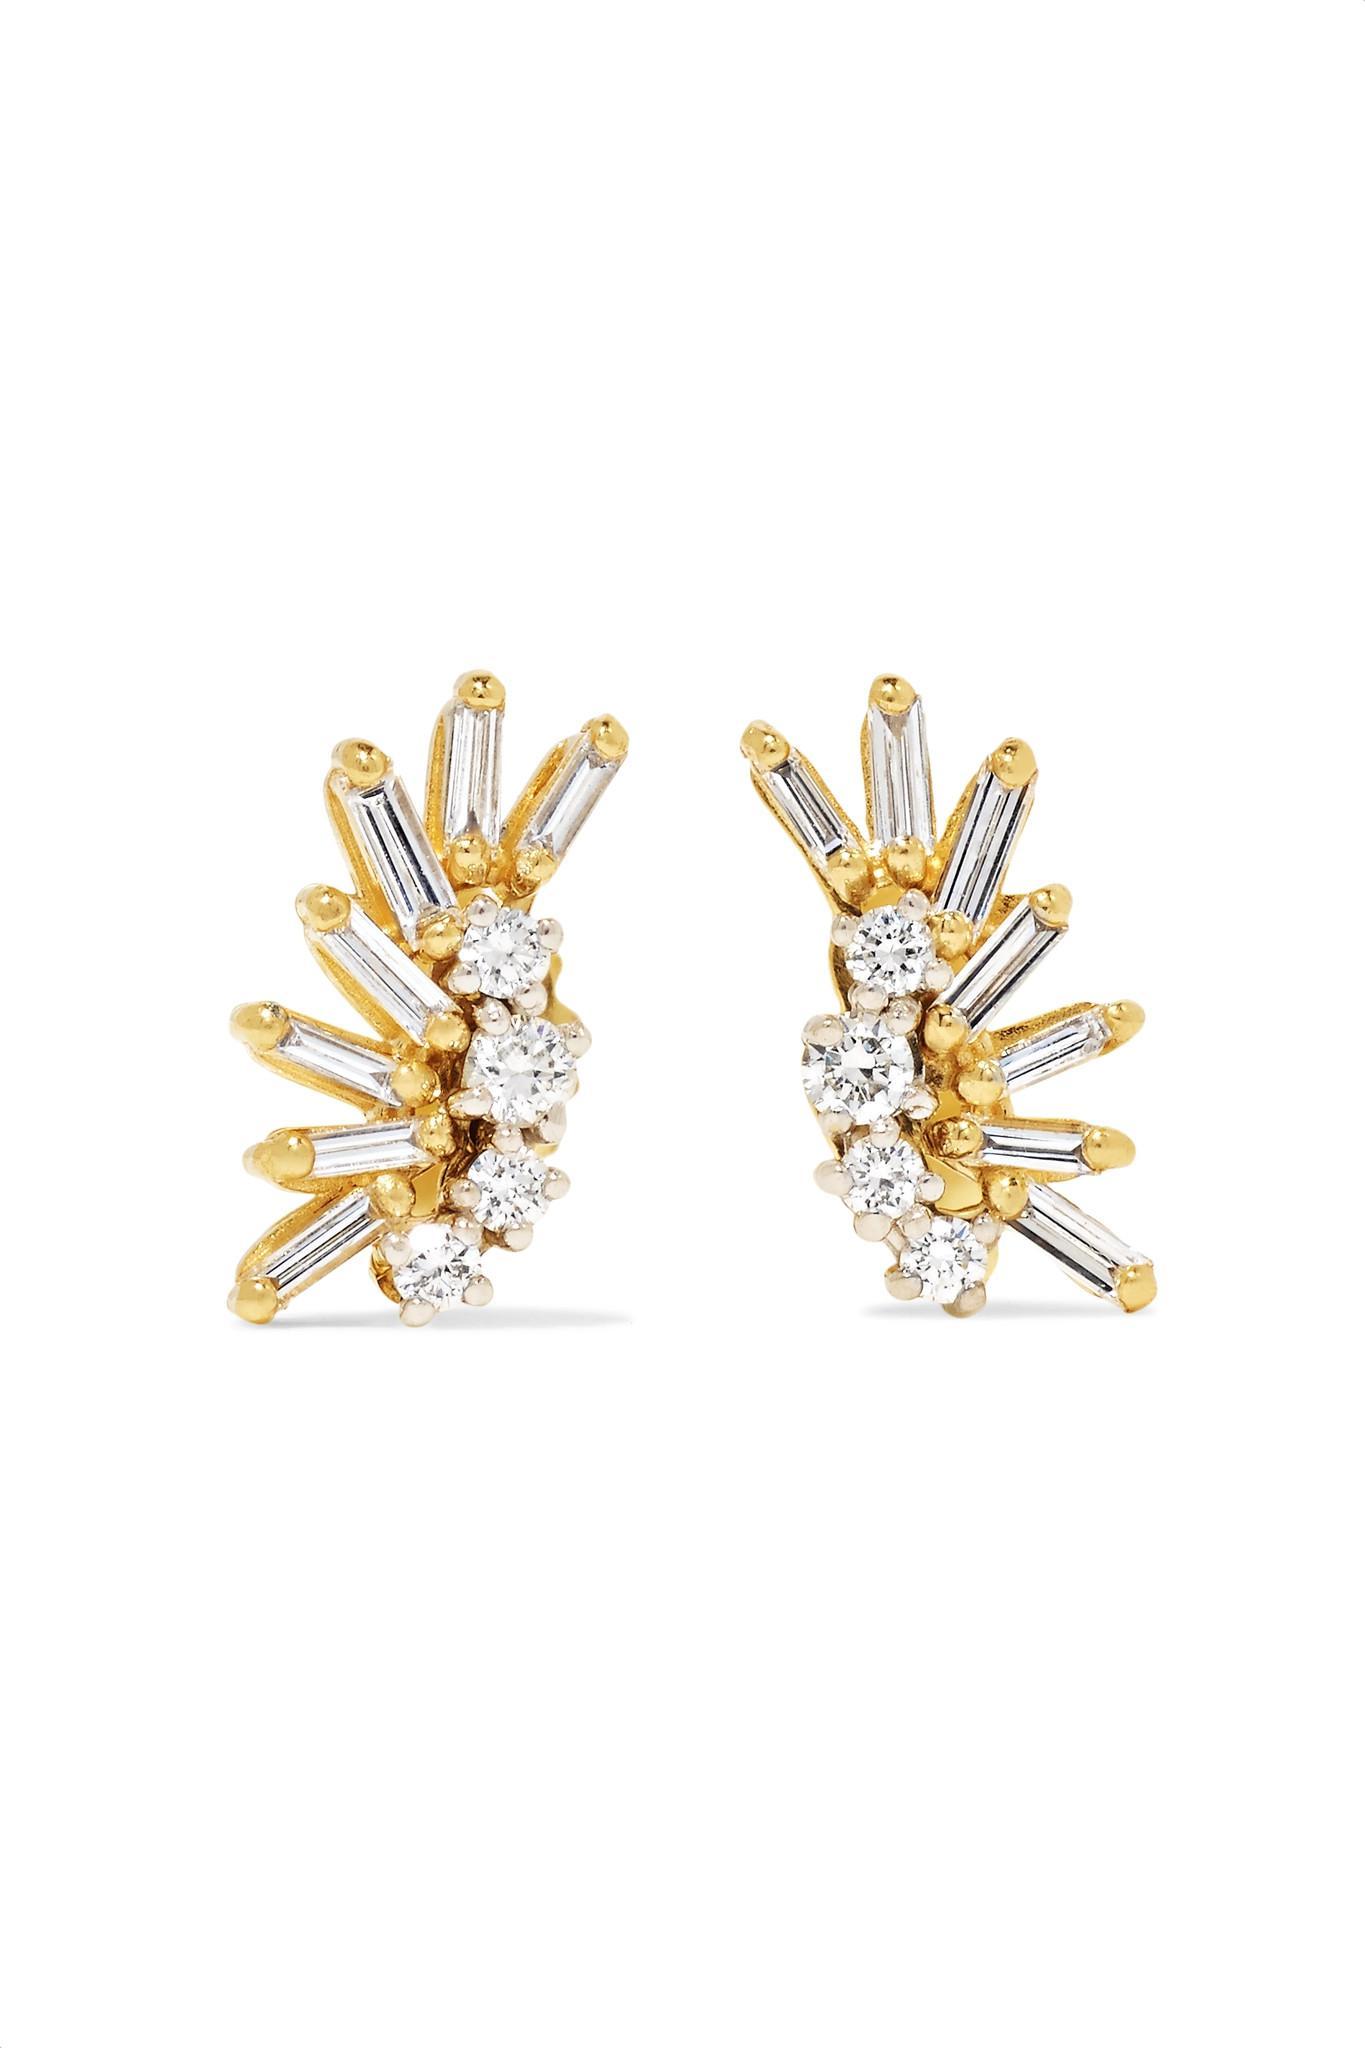 Suzanne Kalan 18-karat Gold Diamond Earrings EuIQJa